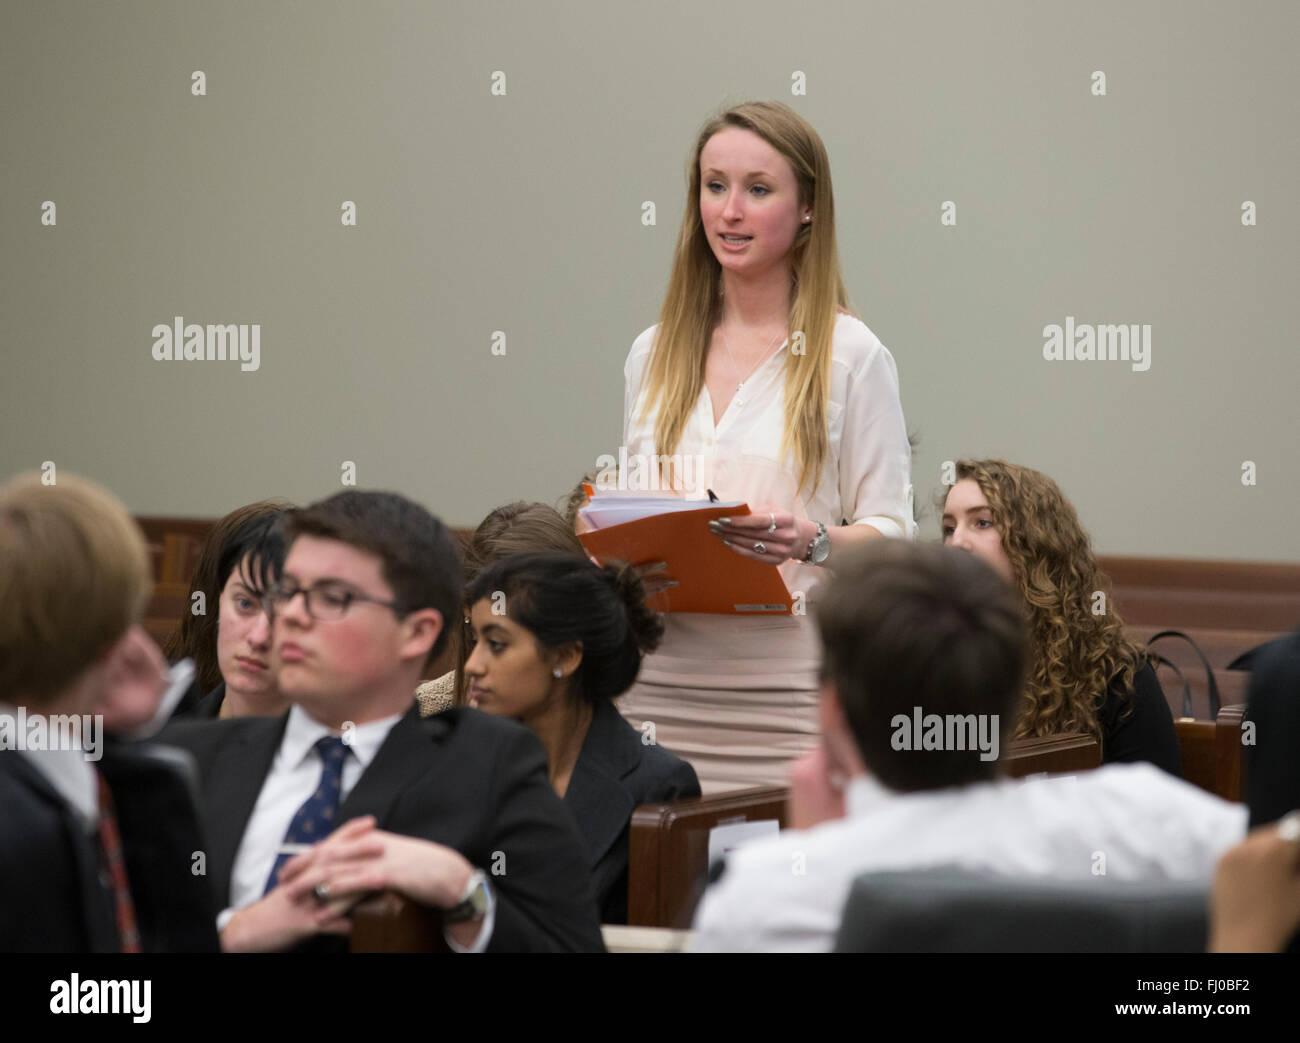 Jovencita actuando como jurado foreman anuncia su veredicto del panel durante la escuela secundaria Mock Trial reviviendo Imagen De Stock